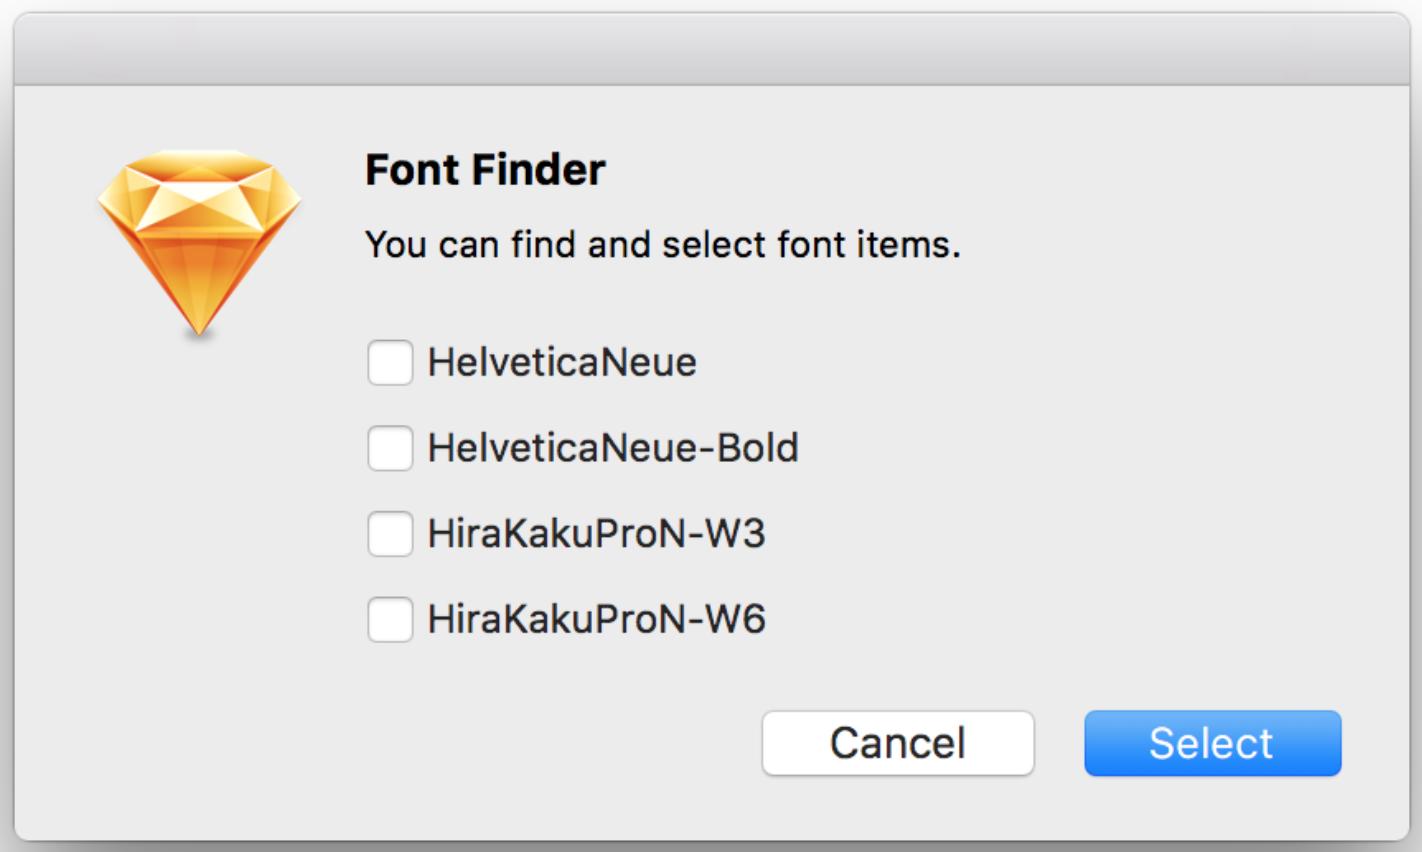 Pestaña de funcionamiento de font finder, que muestra diferentes tipos de letras.